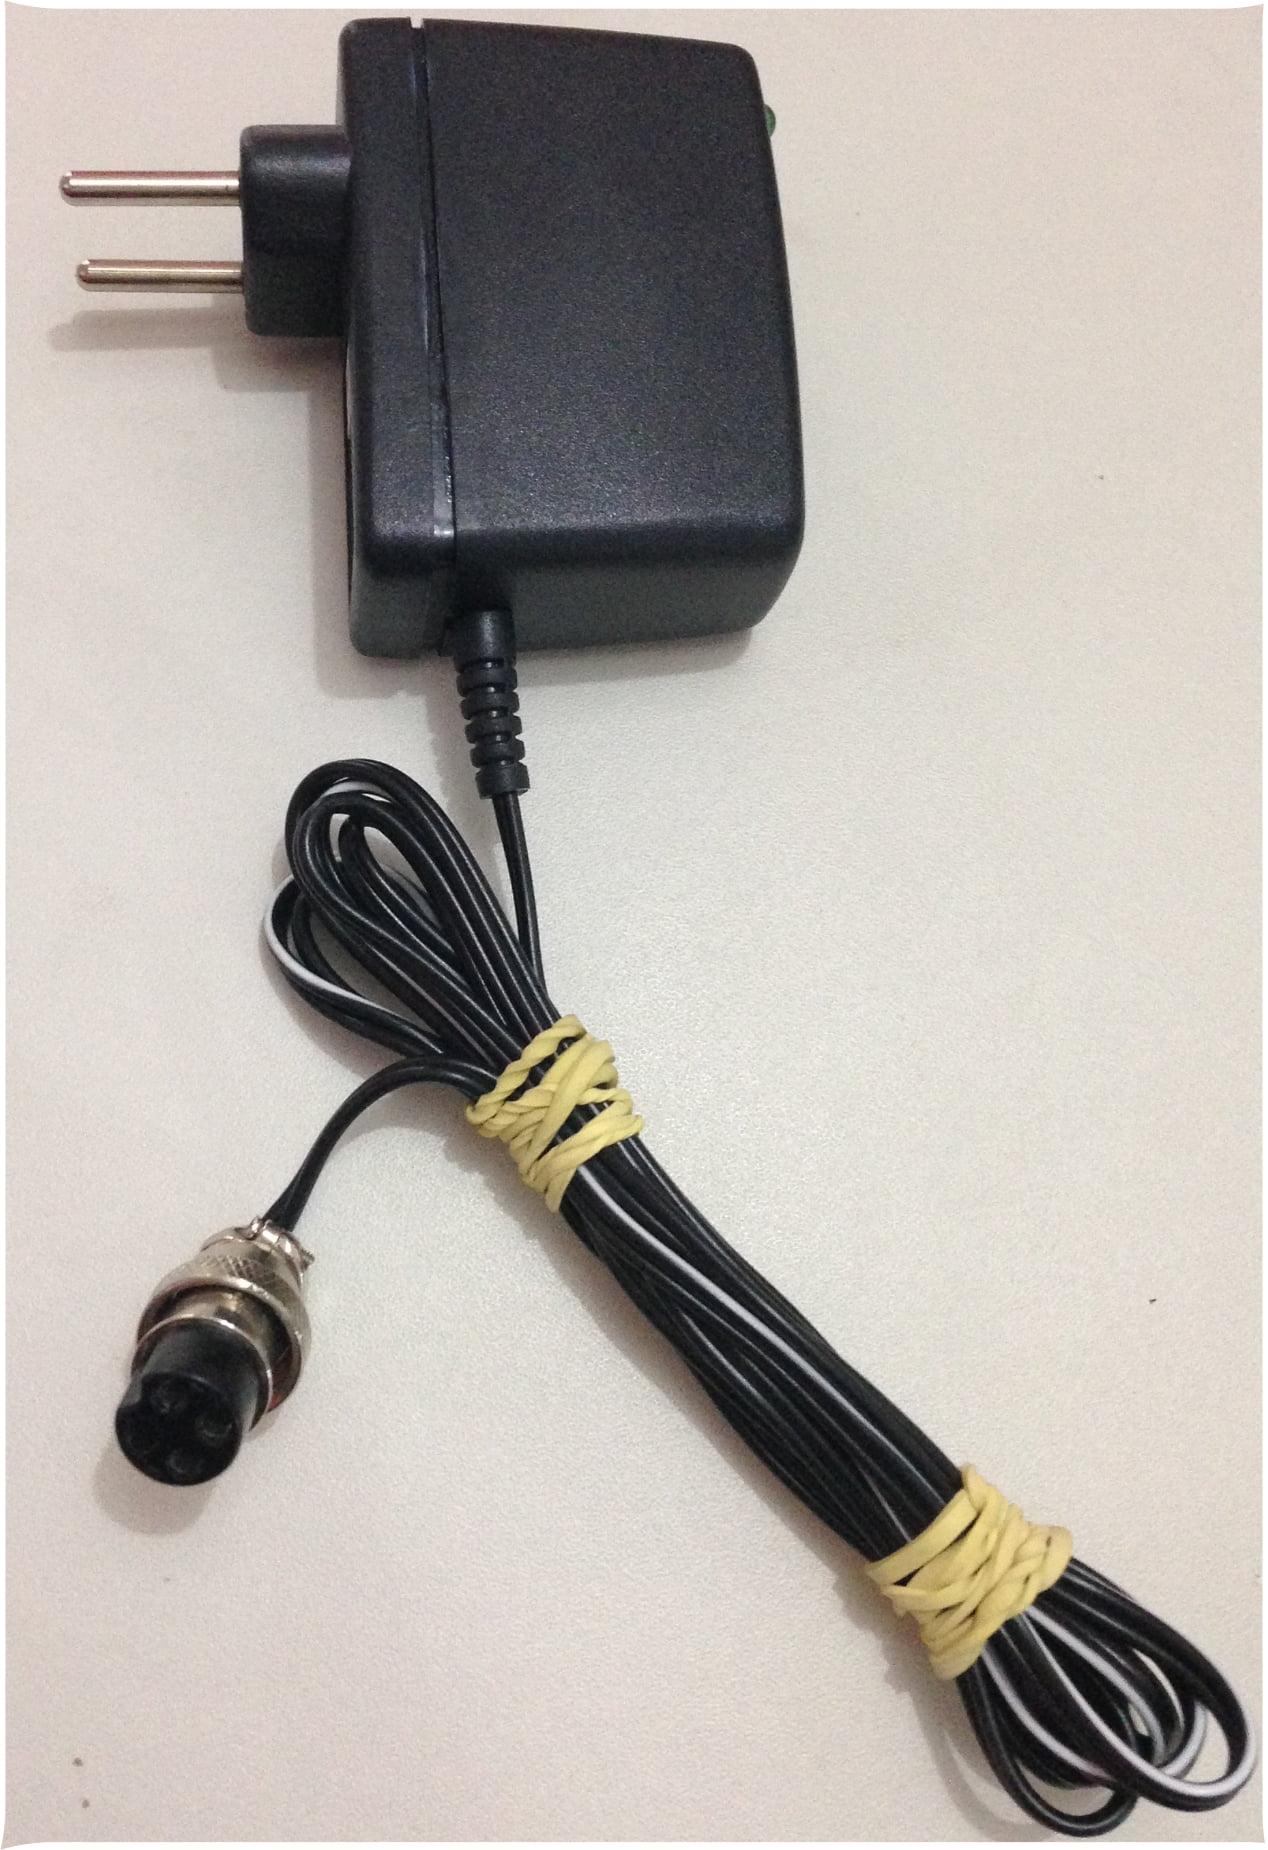 Carregador de Baterias 90 a 227 Vca para TTR 2000 e DMG INSTRUM com conector de 05 pinos